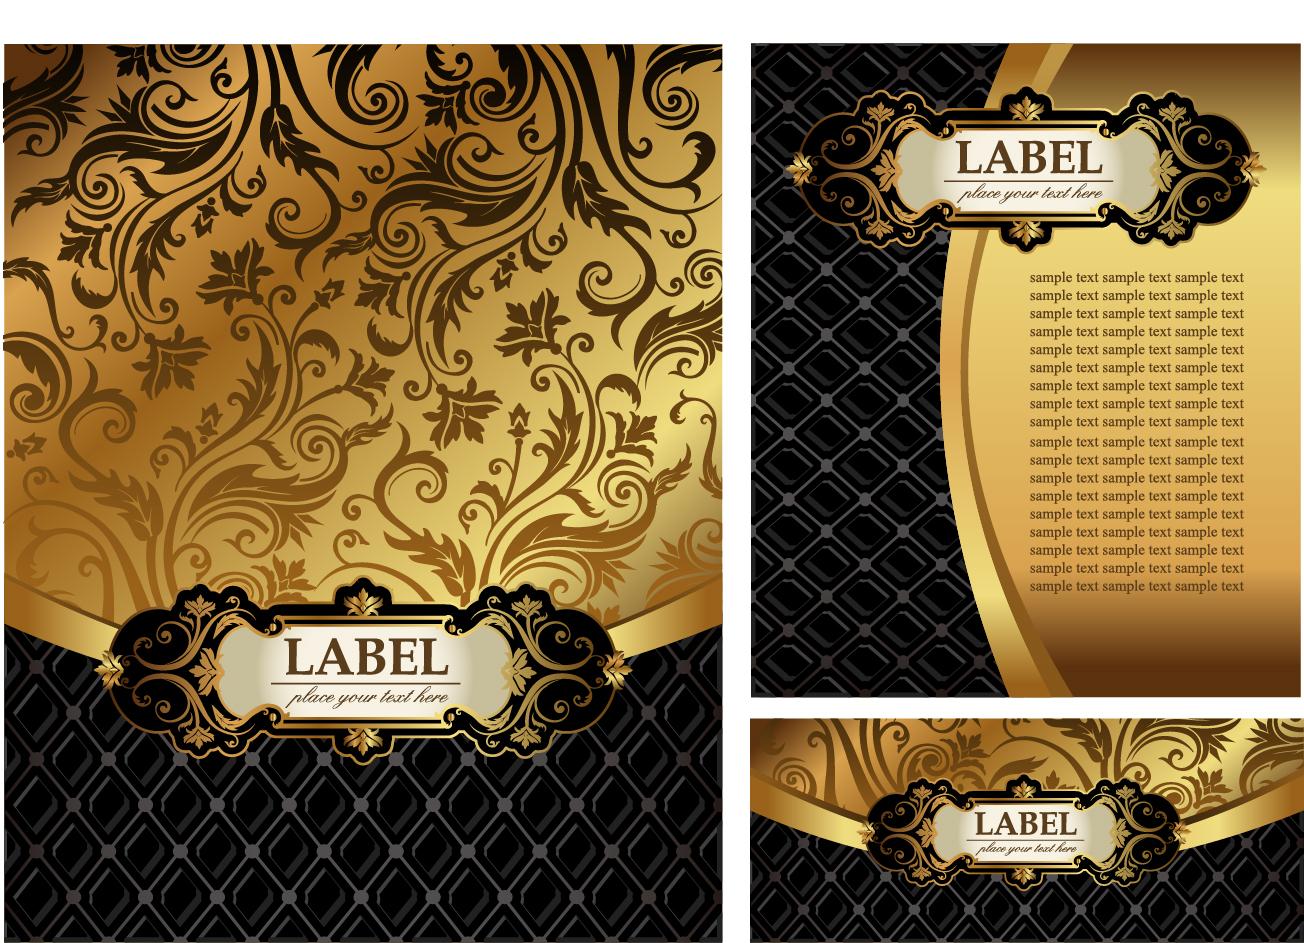 豪華な装飾の表紙見本 Luxury Decorative Covers イラスト素材